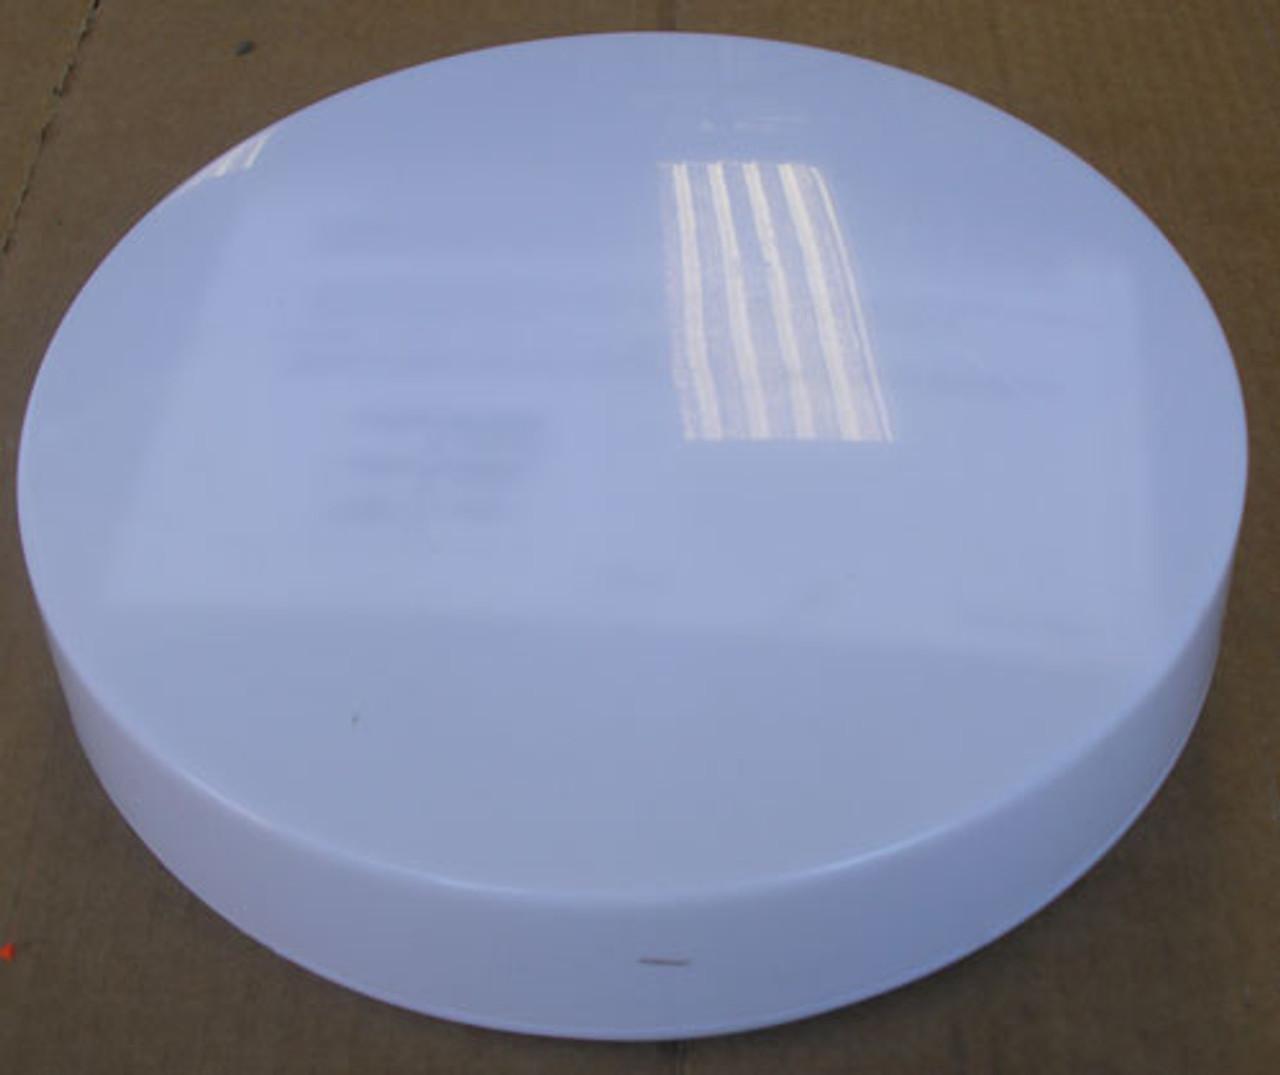 Progress Lighting P7376-30 120V Hard-Nox Two-Light Flush Mount in White